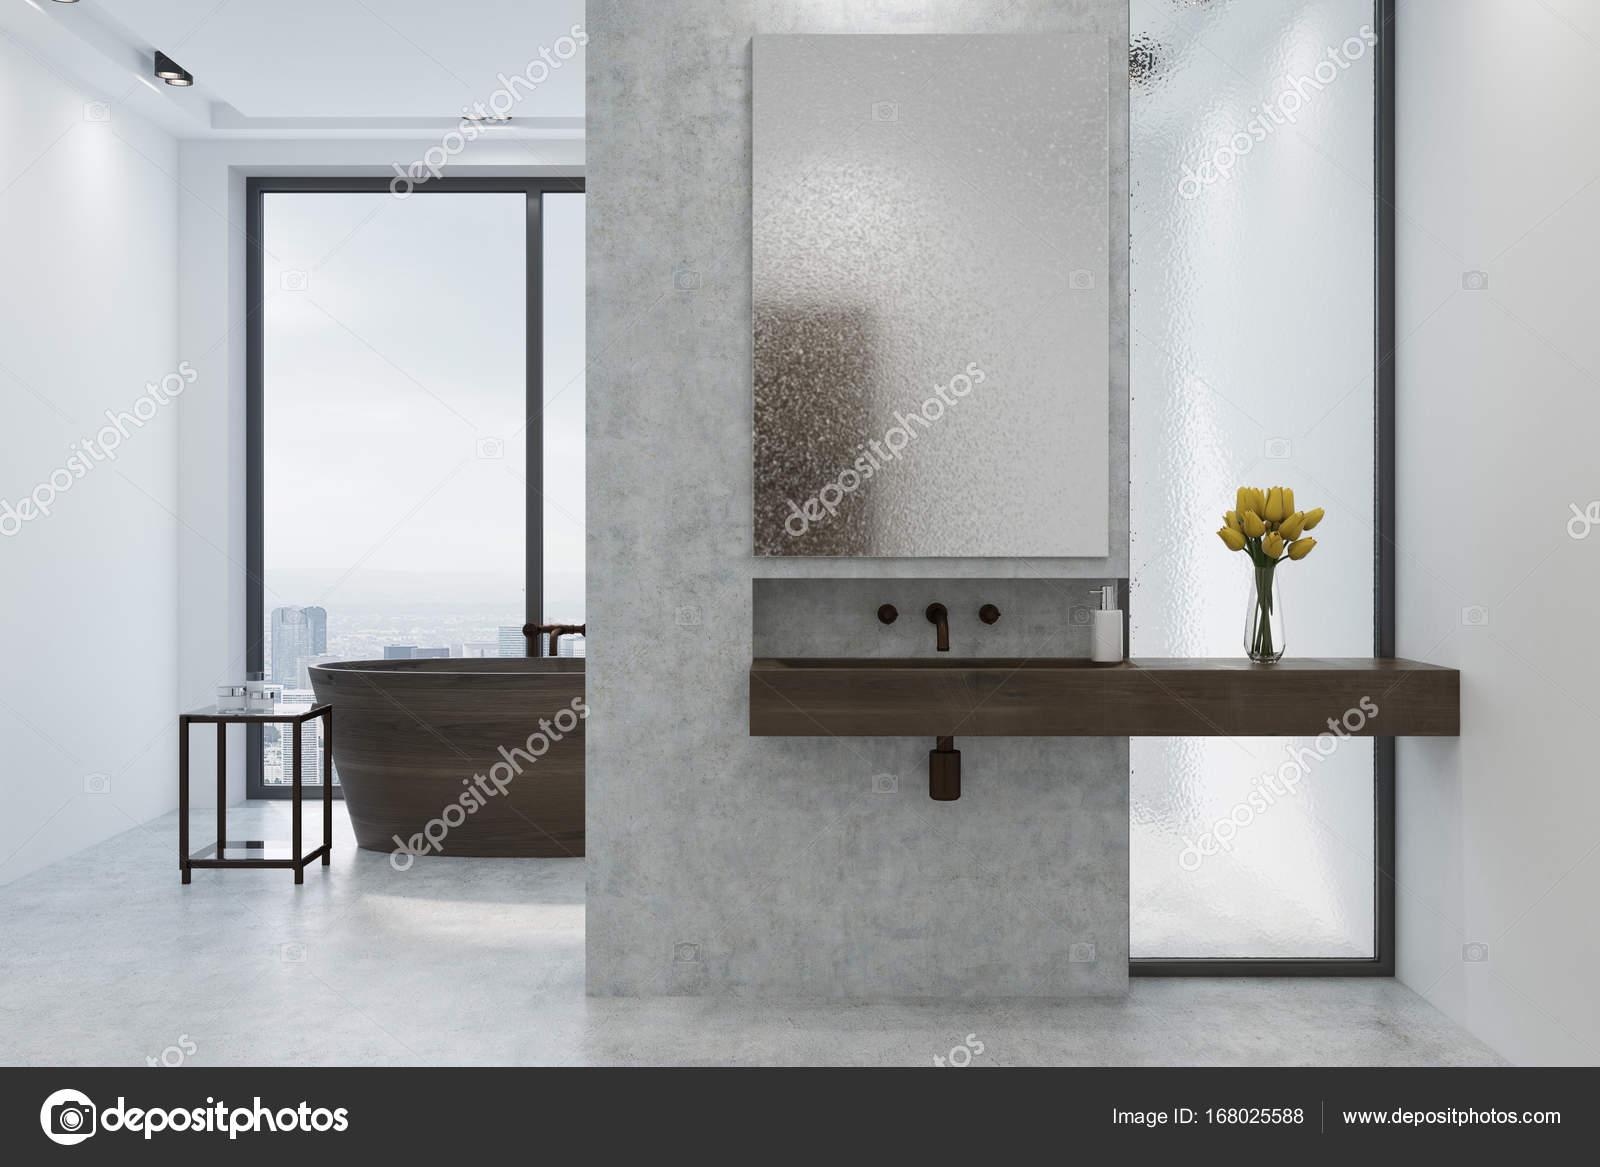 Lavandino bagno bianco e cemento vasca di legno foto - Vasca da bagno in cemento ...